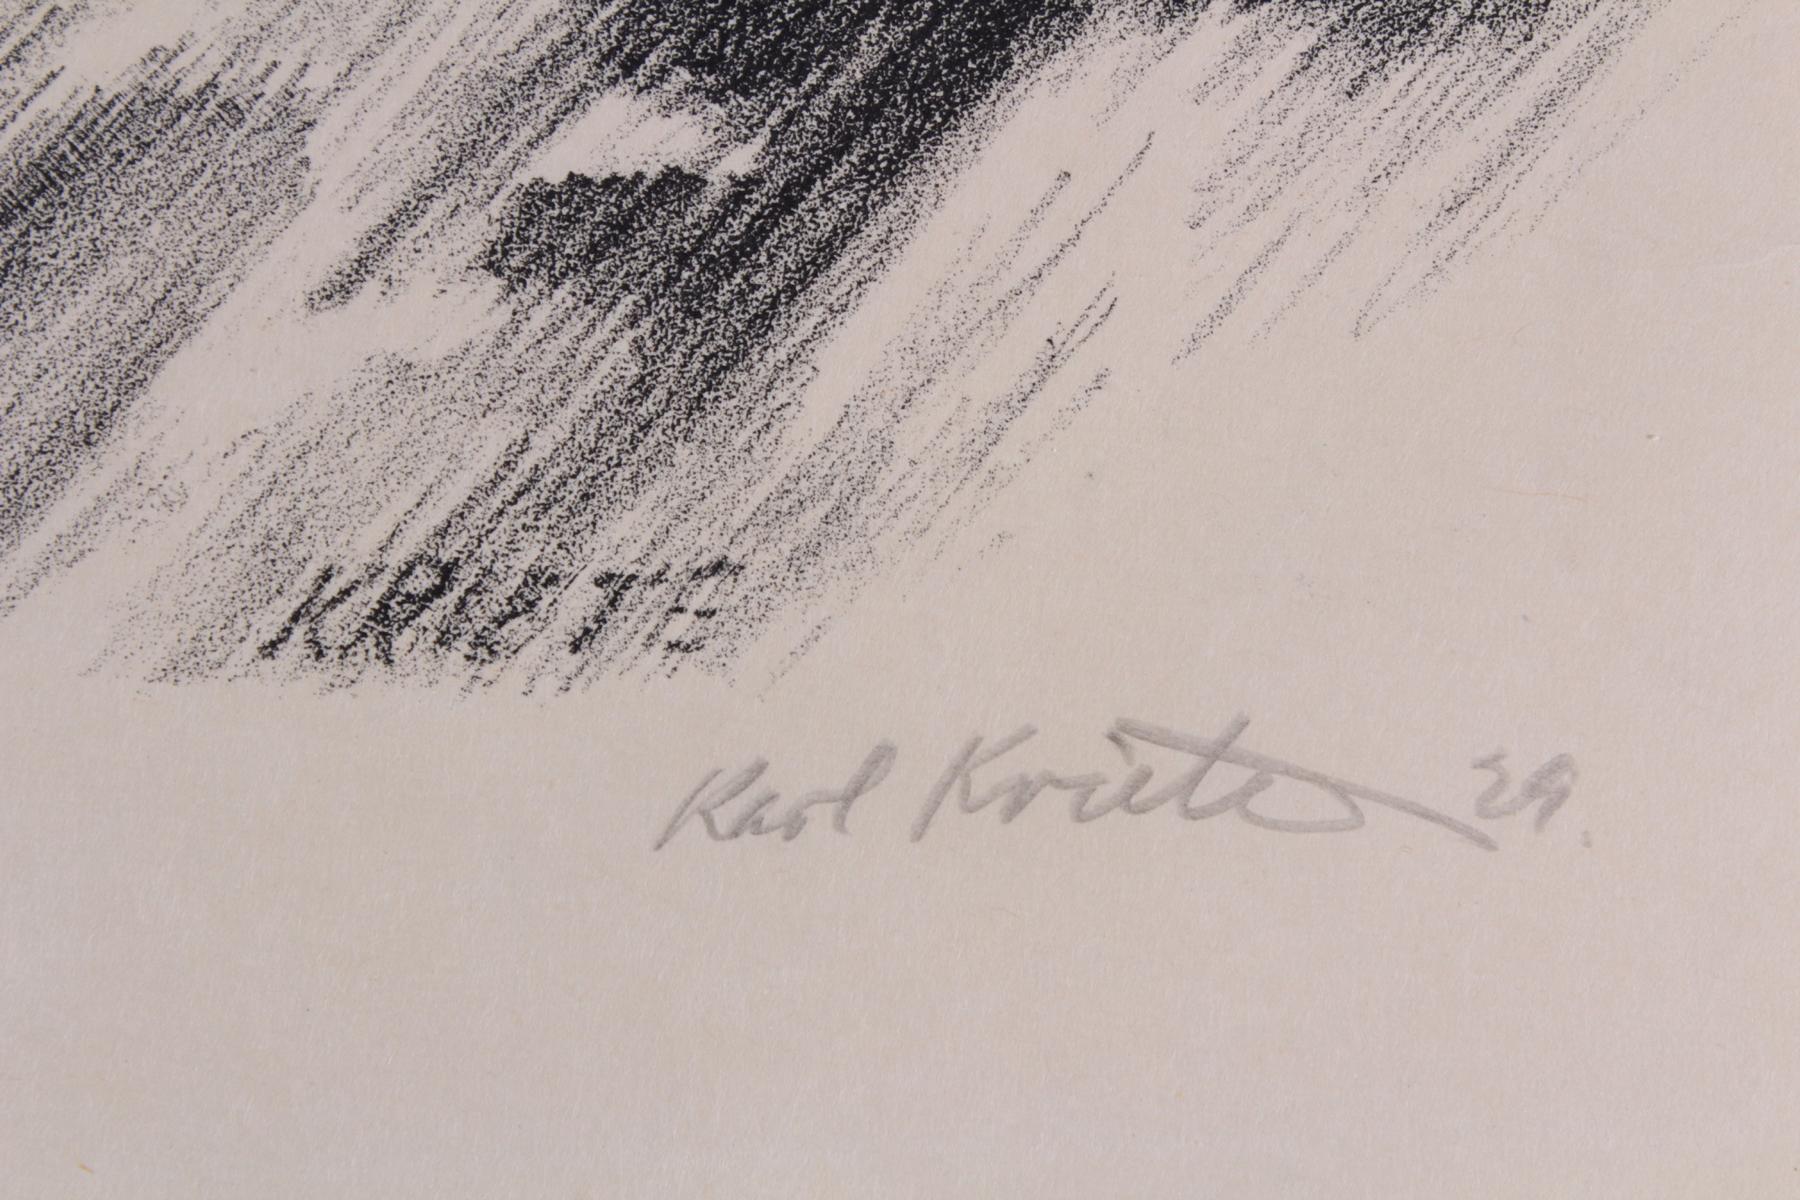 Karl Kriete (Fähr bei Bremen 1887 – 1968 Bremen )-3